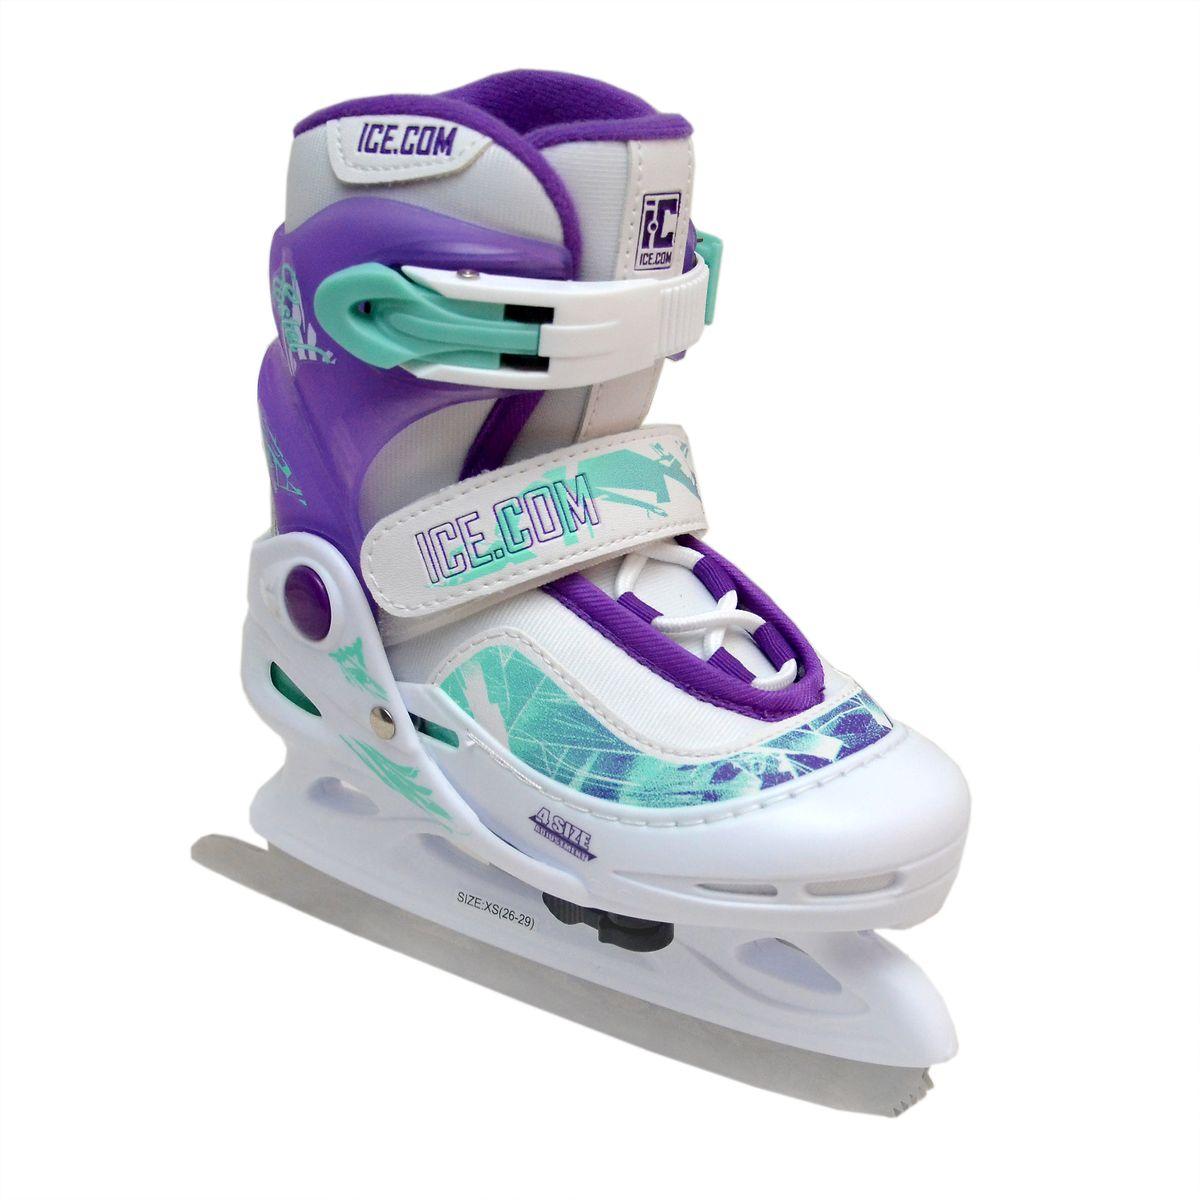 Коньки ледовые для девочки Ice. Com